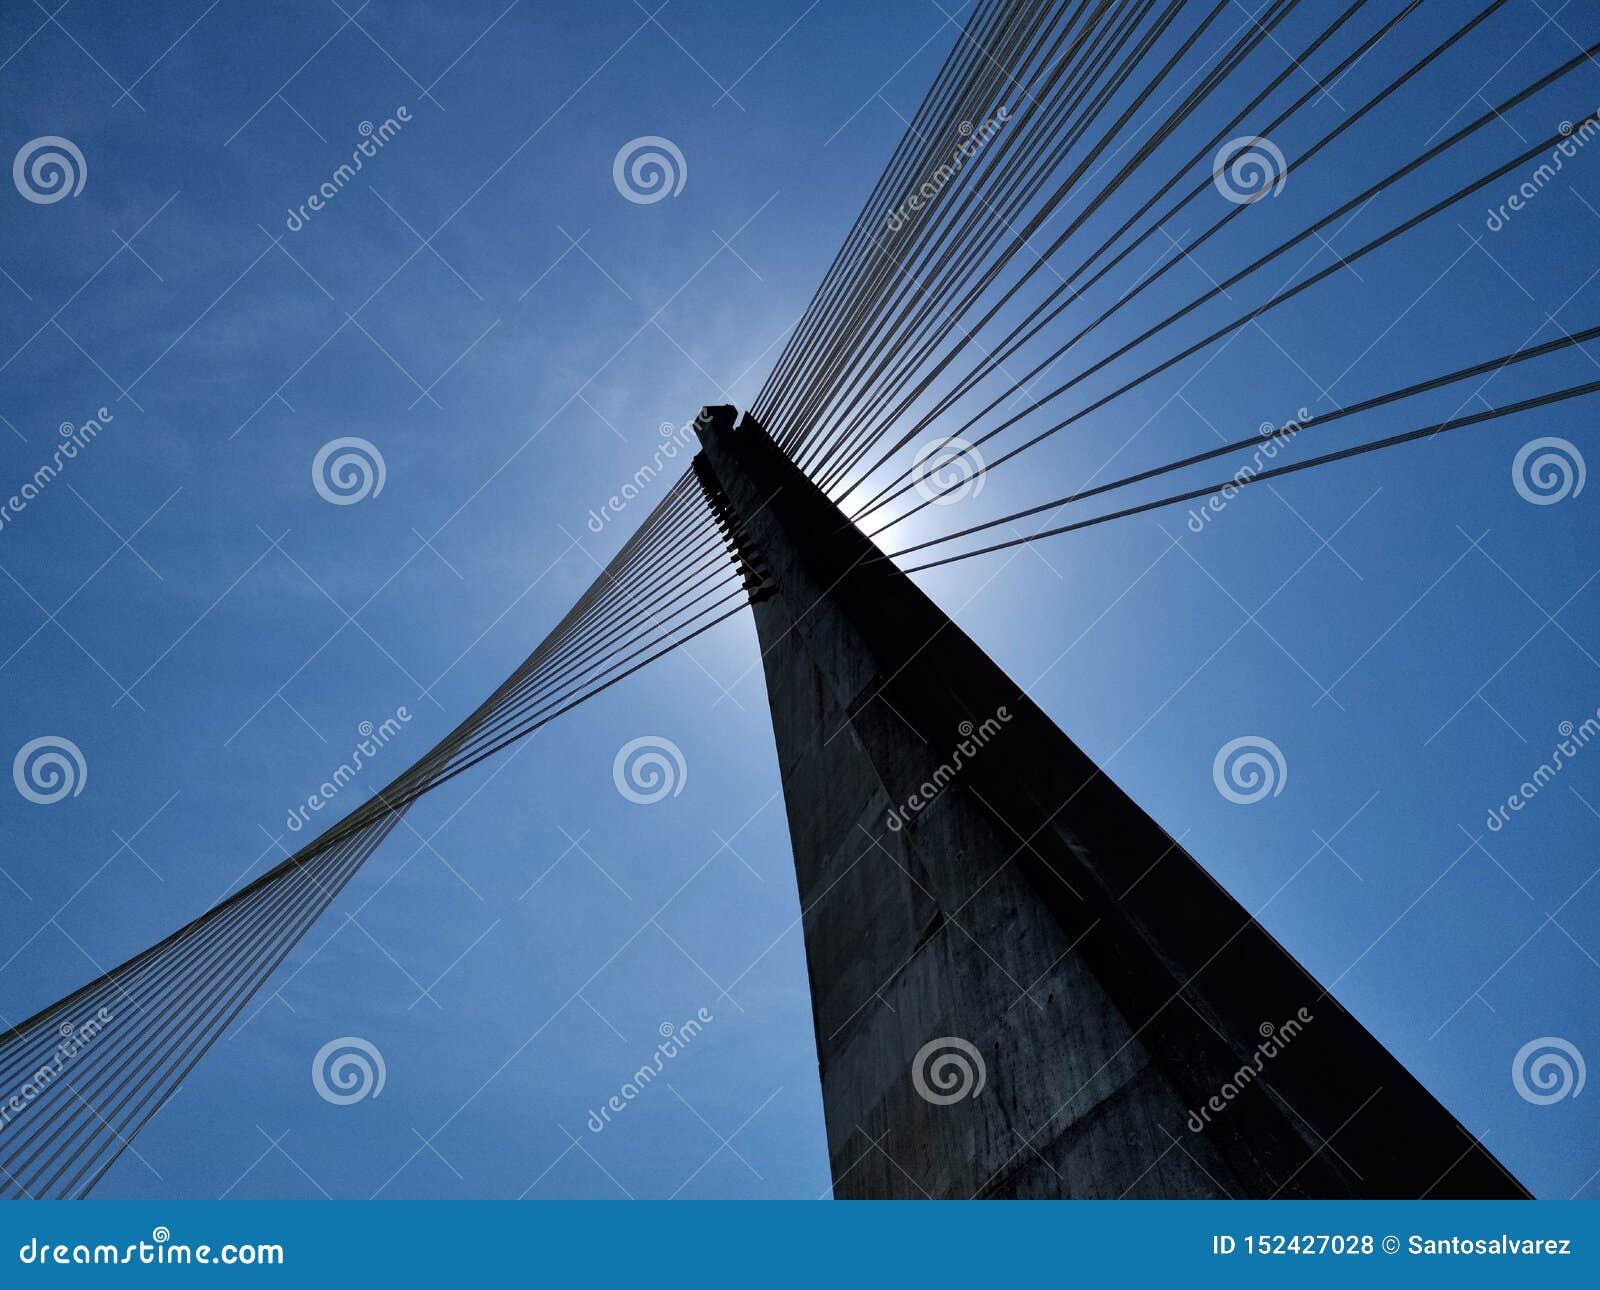 Estructura concreta con los apoyos de acero de un puente sobre un río debajo de un cielo azul intenso